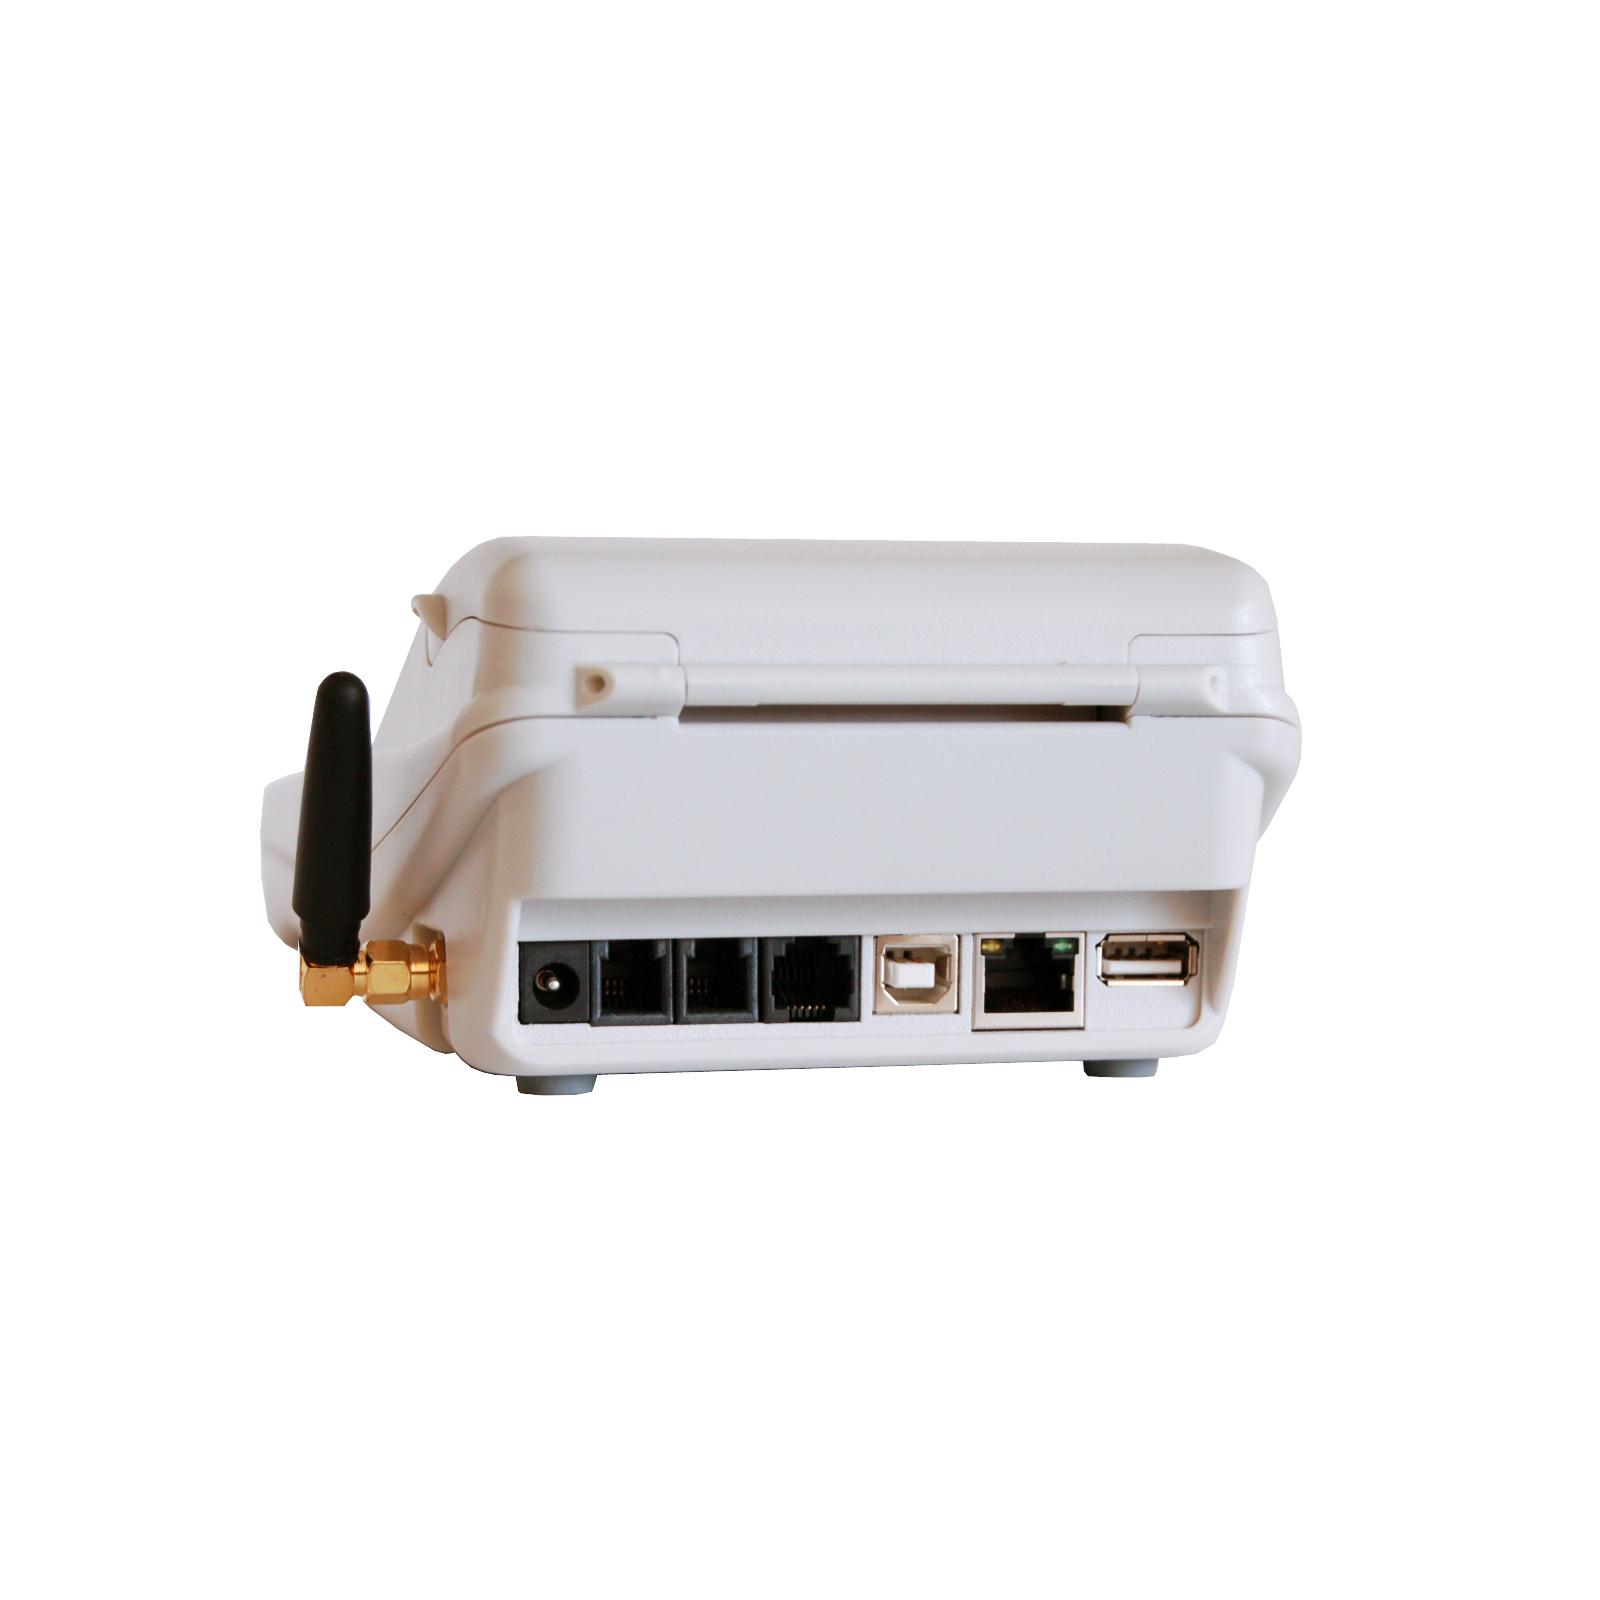 Кассовый аппарат ИКС-Маркет IKC-М510.01 изображение 2